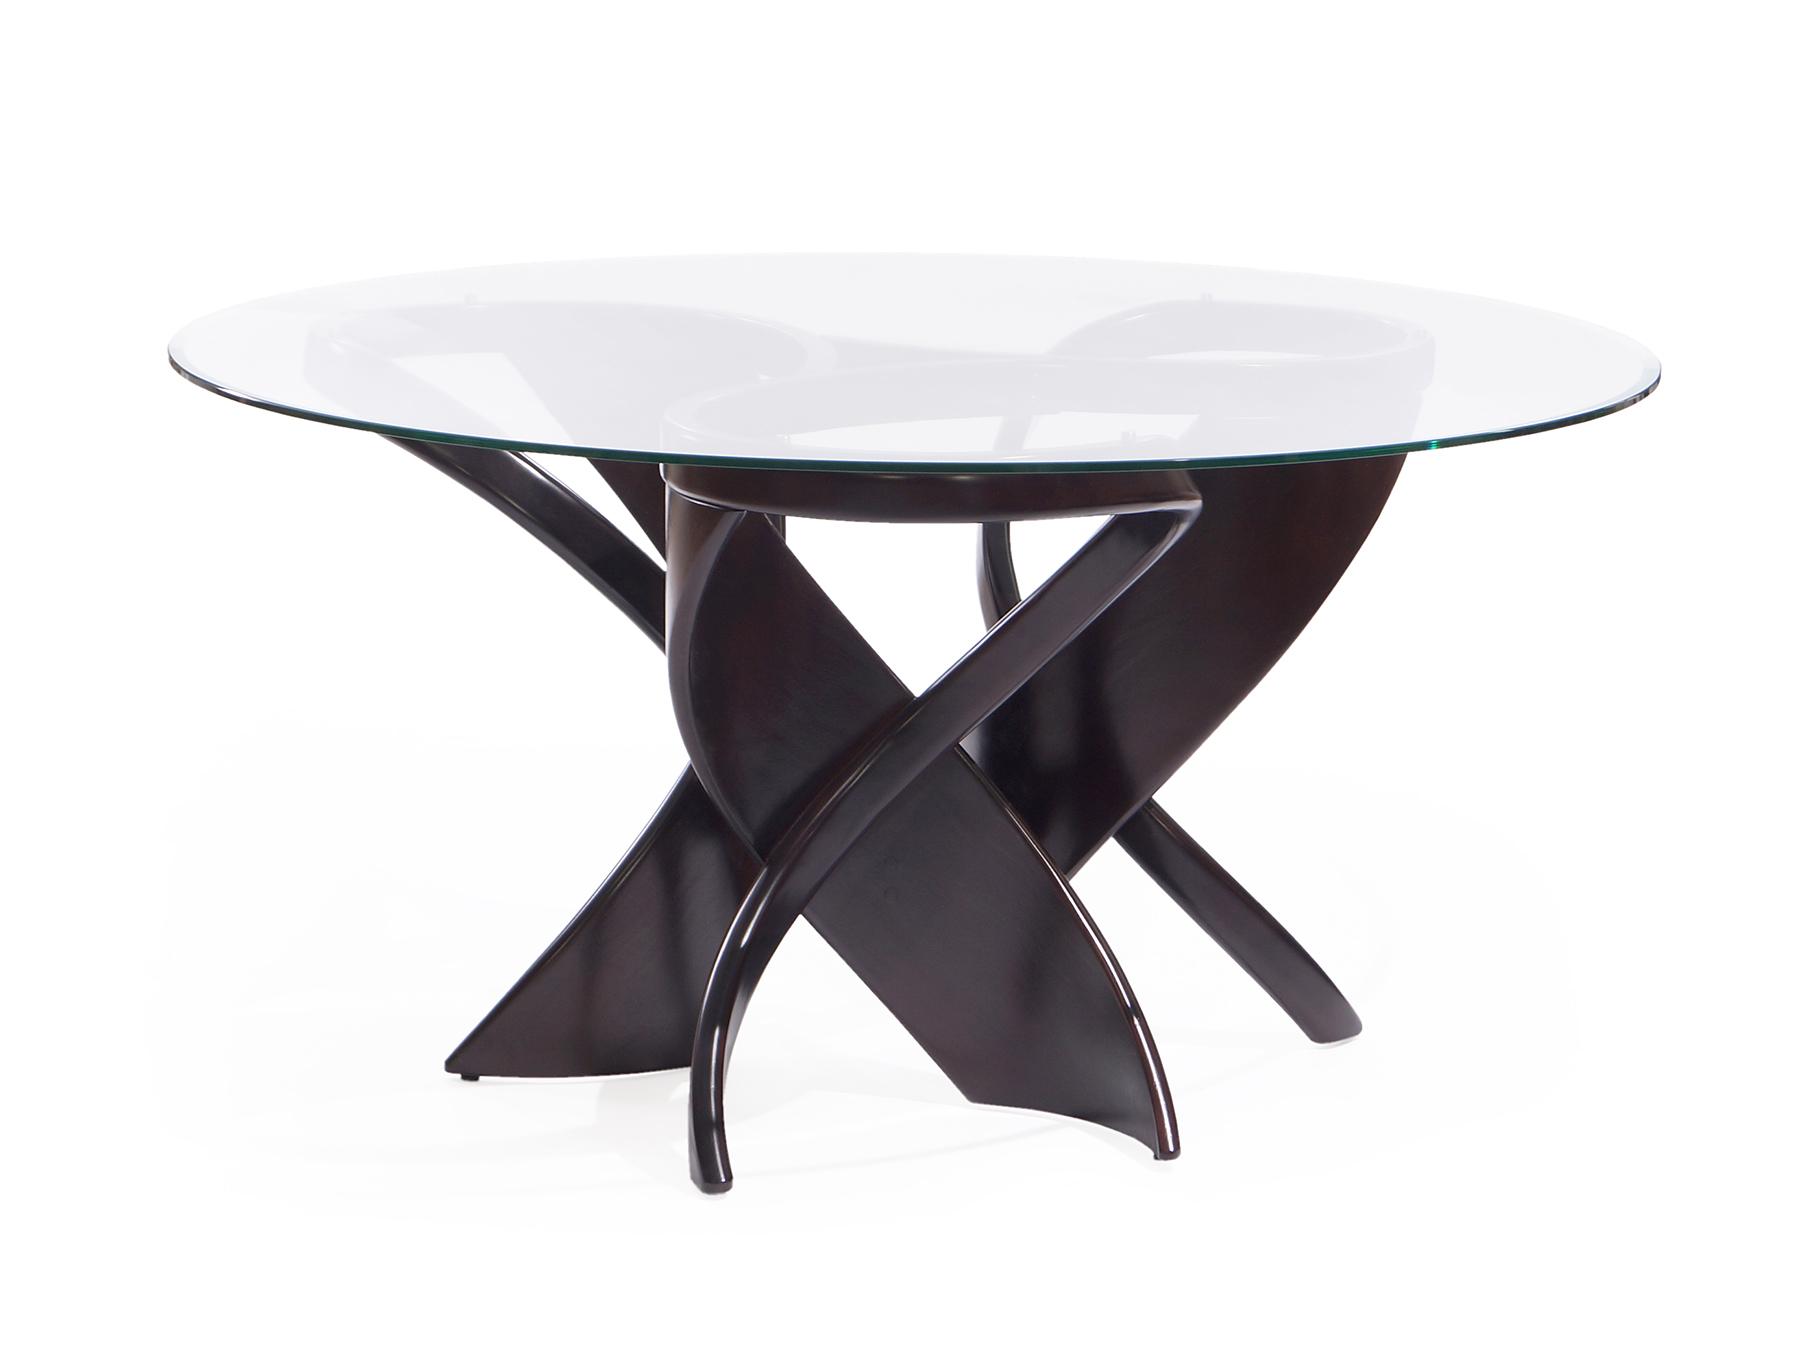 Стол Virtuos KОбеденные столы<br>&amp;lt;div&amp;gt;&amp;lt;div&amp;gt;Большой круглый стол с основанием из гнутого дерева.&amp;amp;nbsp;&amp;lt;/div&amp;gt;&amp;lt;div&amp;gt;Подходит в комплект к стульям серии virtuoz и brazo.&amp;amp;nbsp;&amp;lt;/div&amp;gt;&amp;lt;div&amp;gt;&amp;lt;br&amp;gt;&amp;lt;/div&amp;gt;&amp;lt;div&amp;gt;Материал: береза, прозрачное стекло&amp;lt;/div&amp;gt;&amp;lt;div&amp;gt;Цвет: венге&amp;lt;/div&amp;gt;&amp;lt;/div&amp;gt;<br><br>Material: Береза<br>Length см: None<br>Width см: None<br>Depth см: None<br>Height см: 76<br>Diameter см: 160